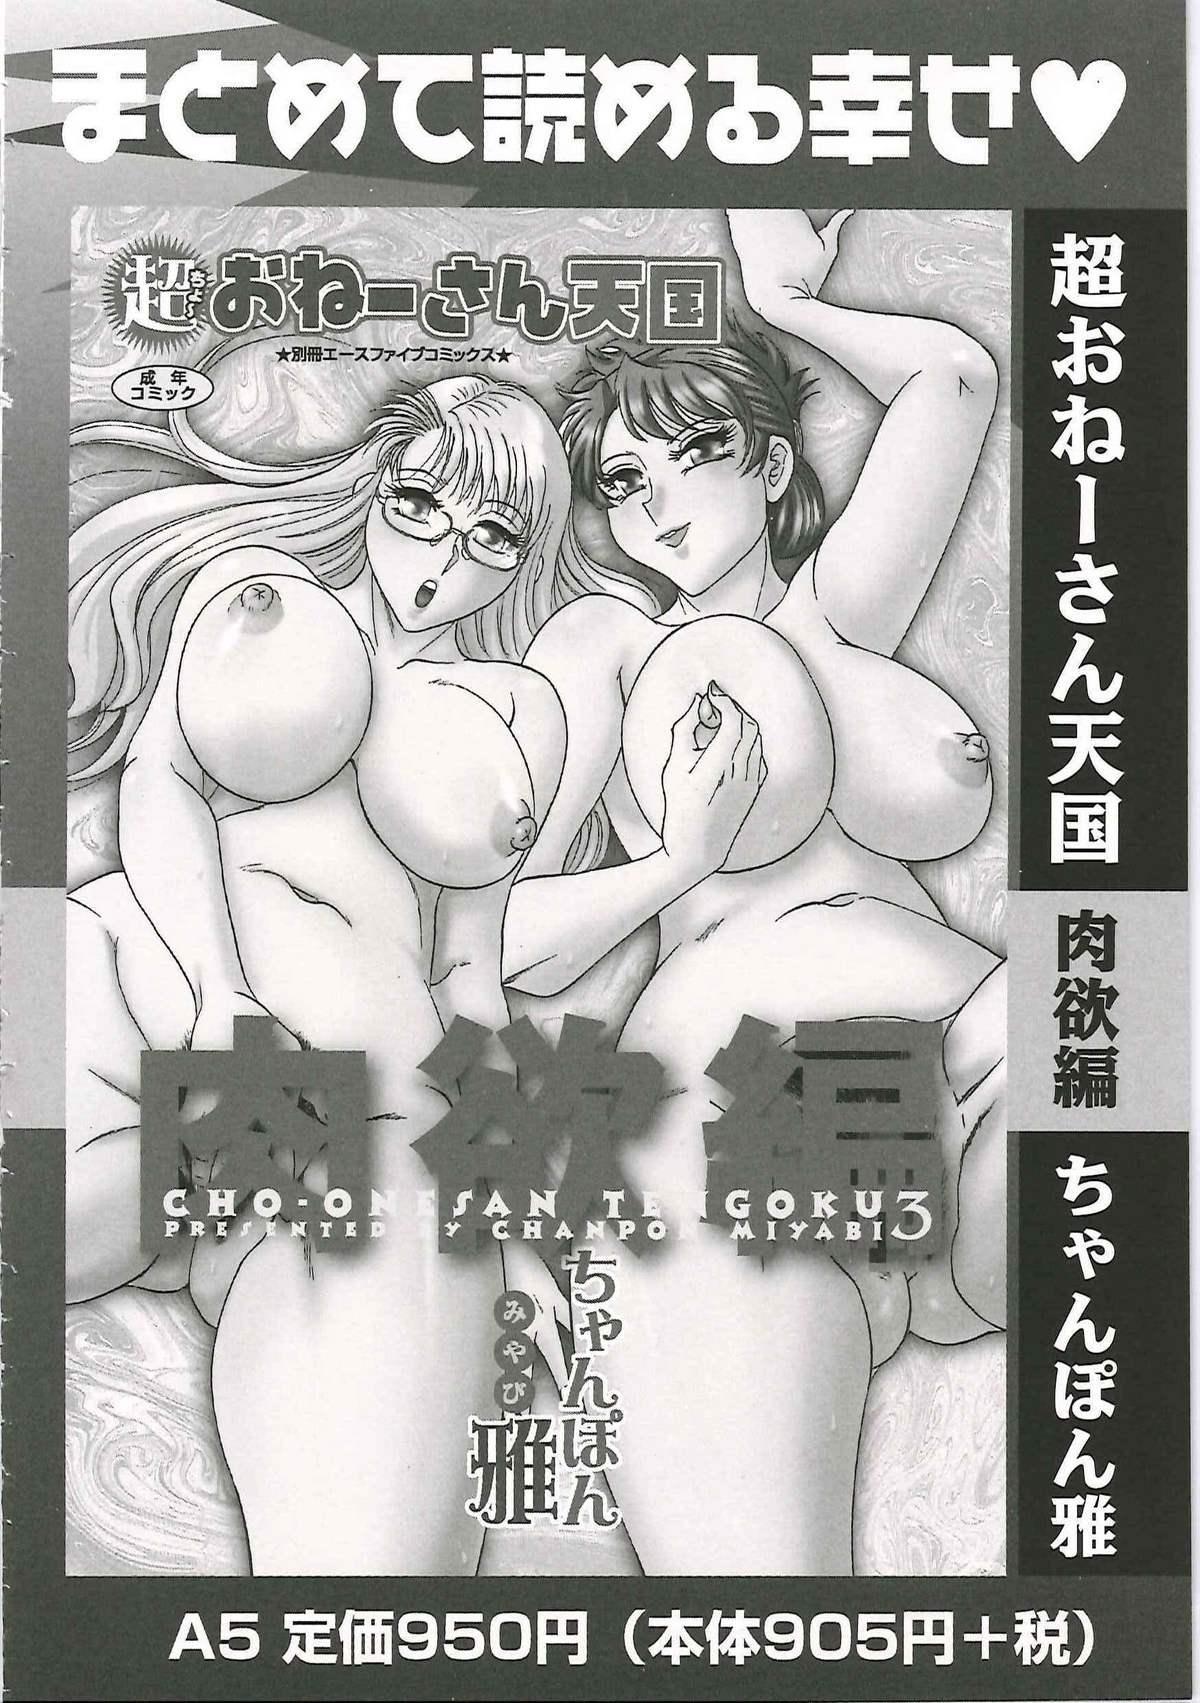 [Chanpon Miyabi] Cho-Onesan Tengoku 6 -Tenrakuhen- 177